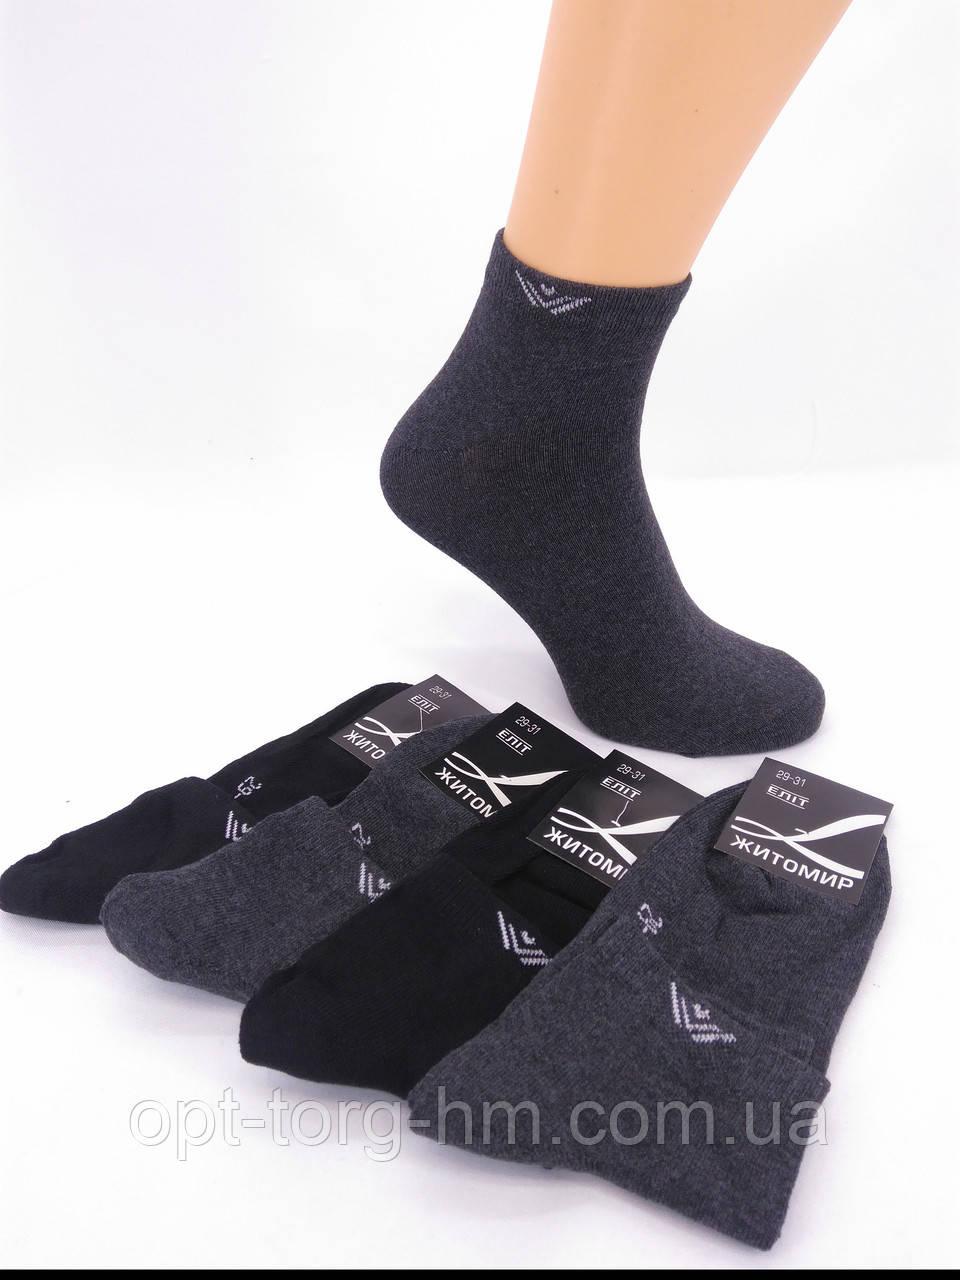 Спортивные мужские носки 29-31 (43-45 обувь)